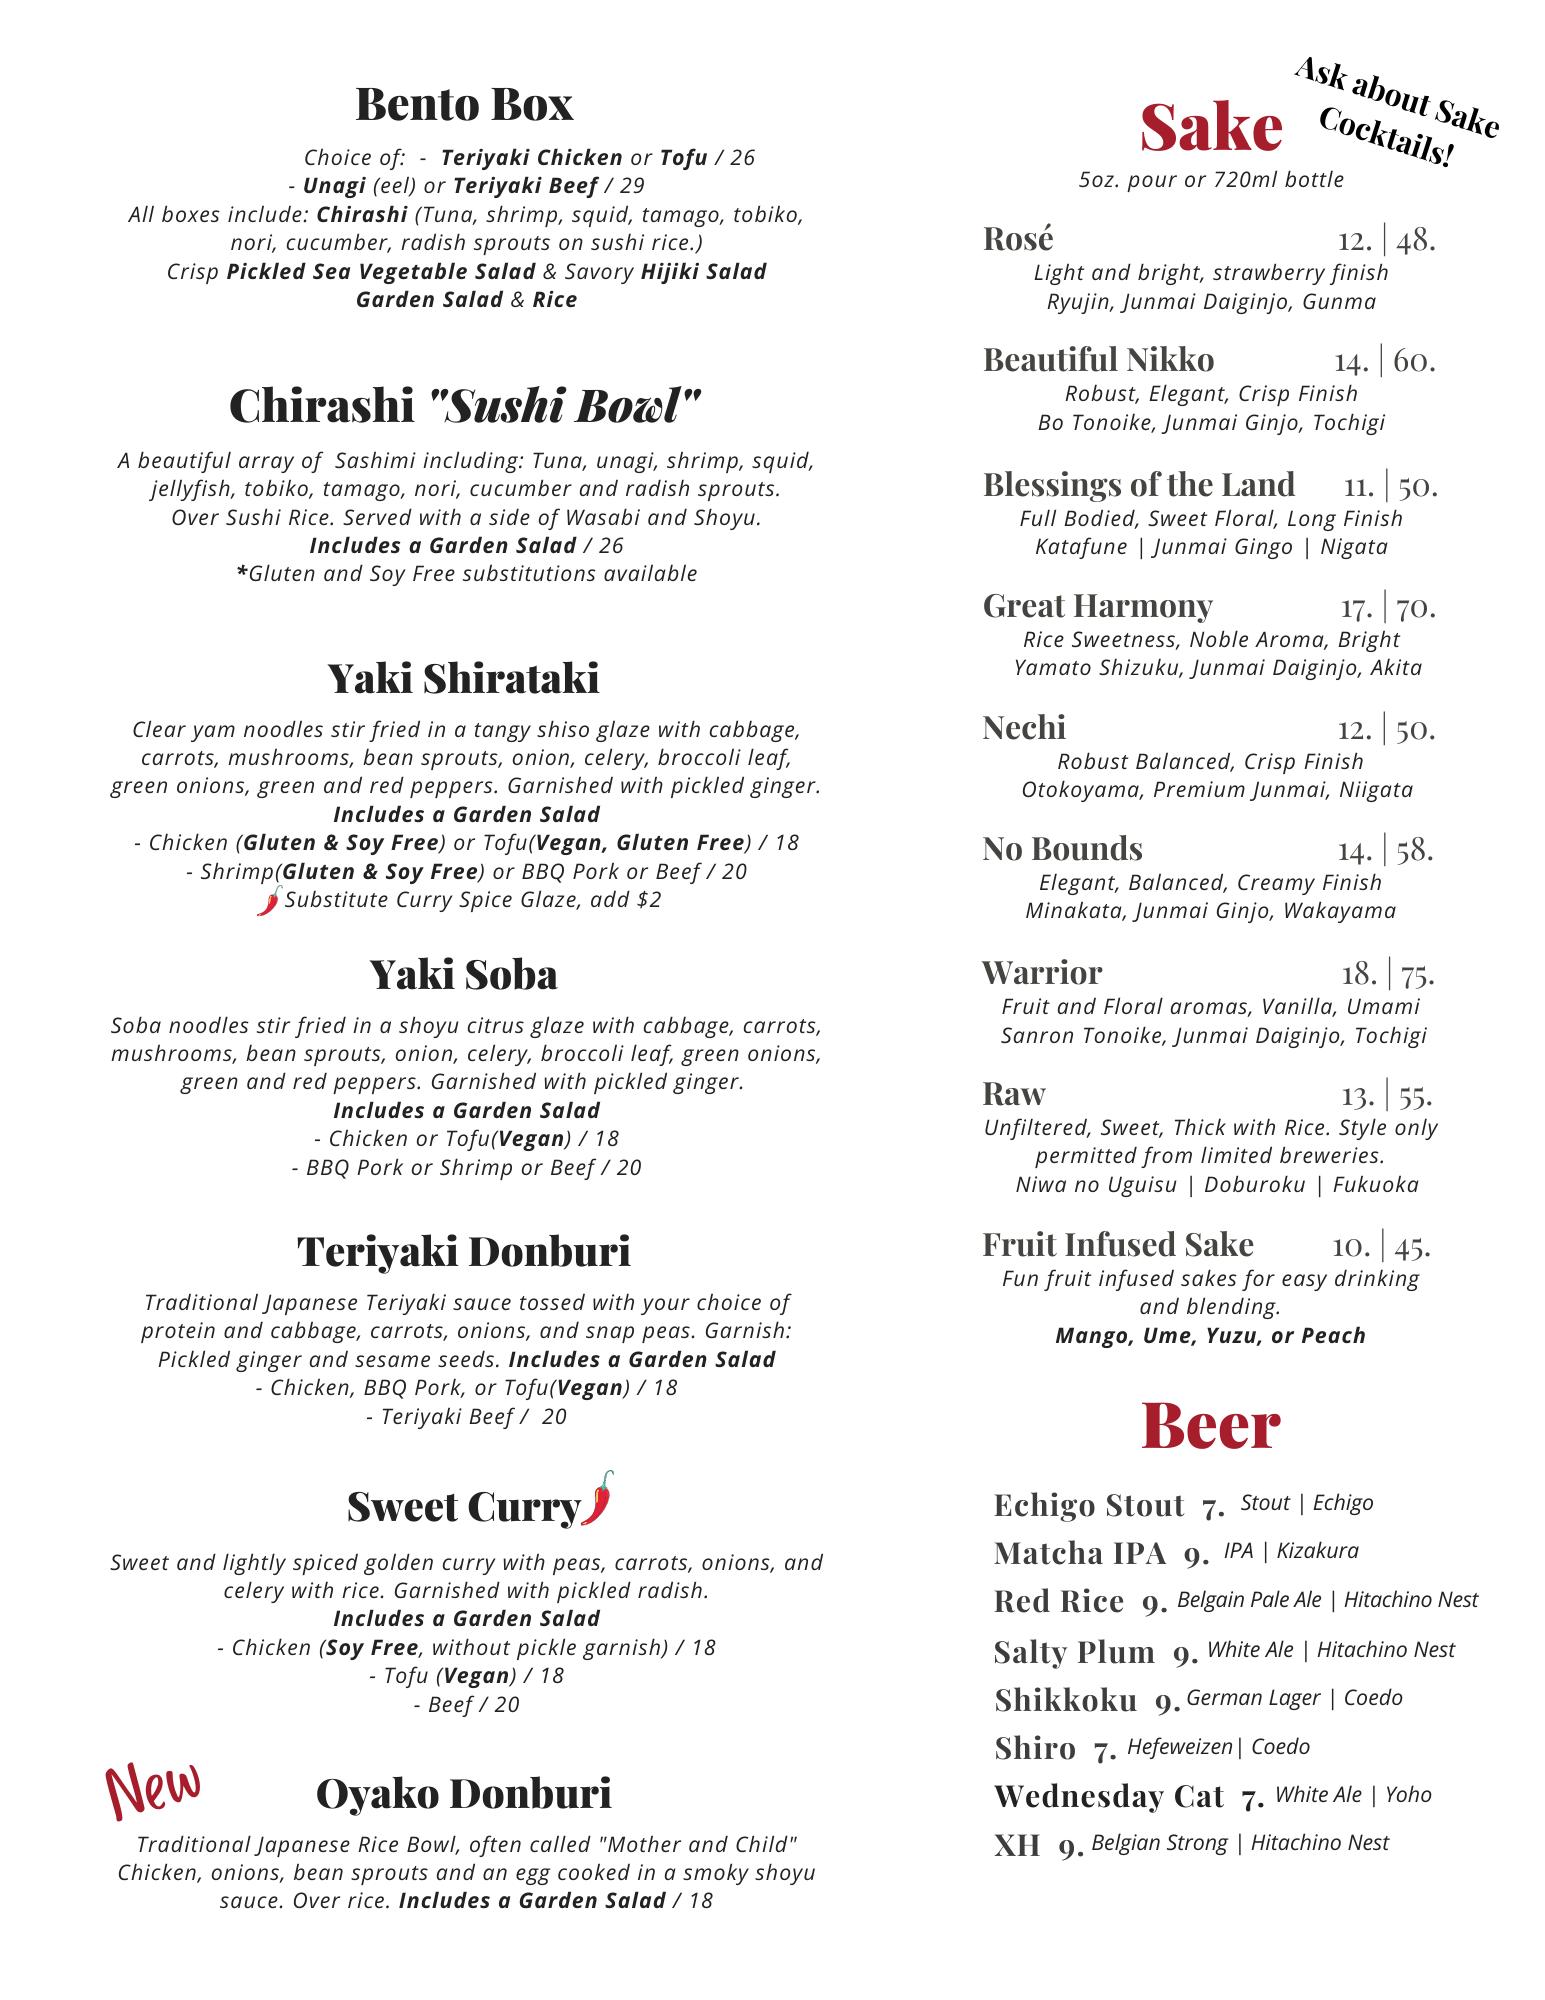 fall-menu-111520-pg2-png.png